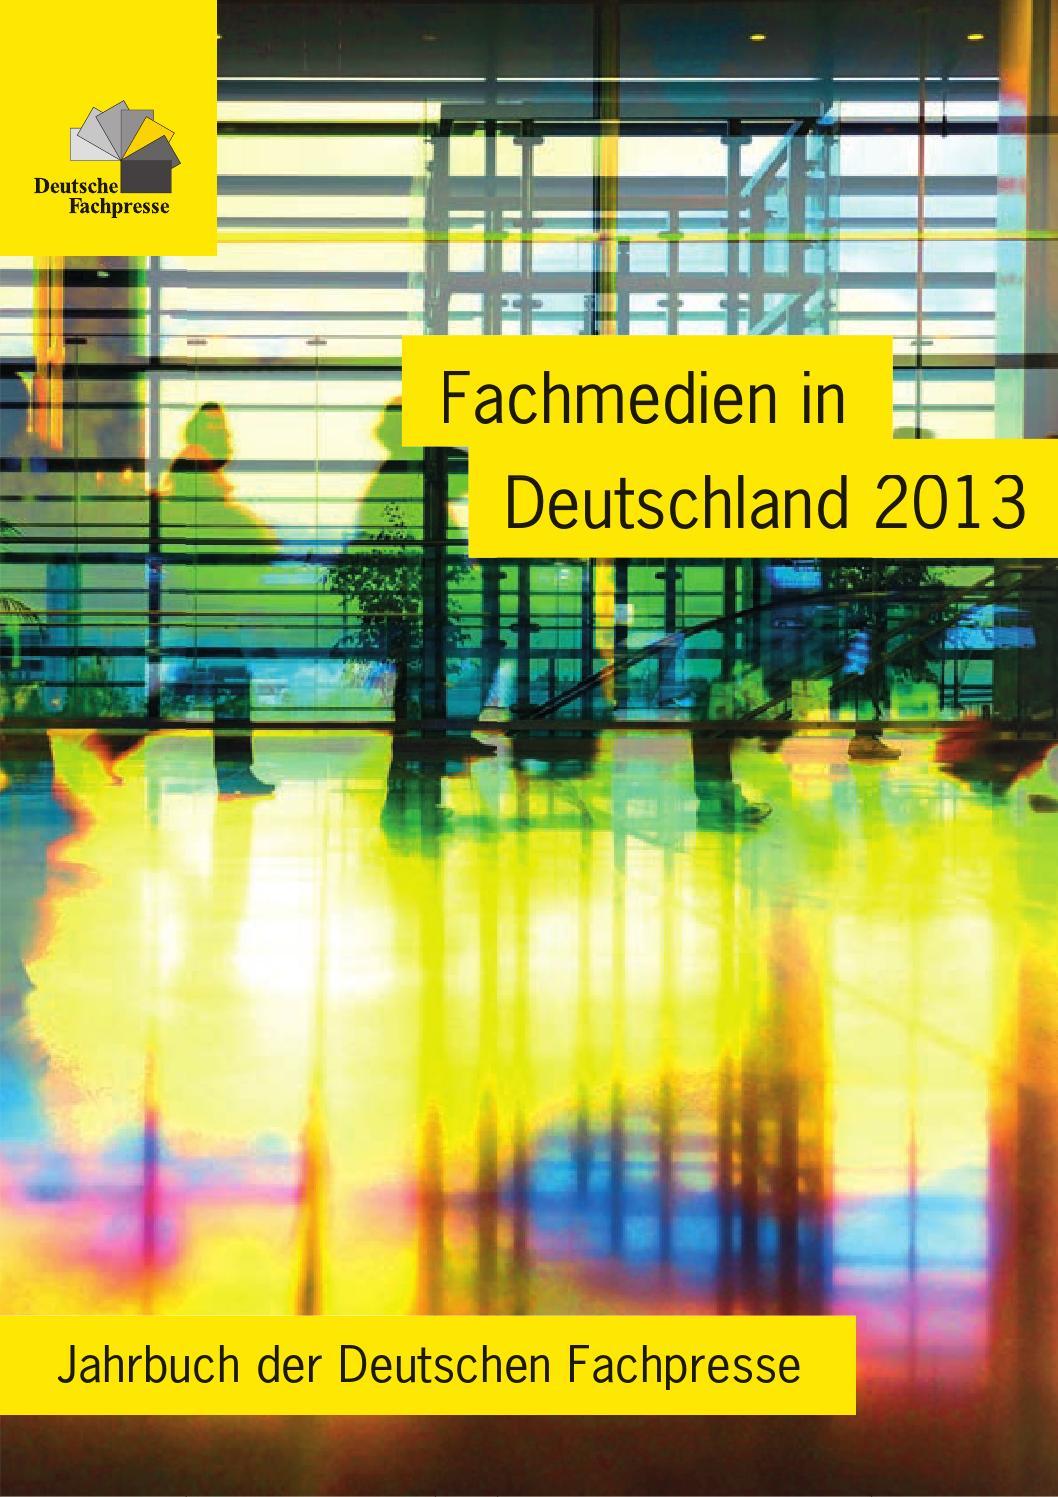 Weitk Münster fachmedien in deutschland 2013 by deutsche fachpresse issuu